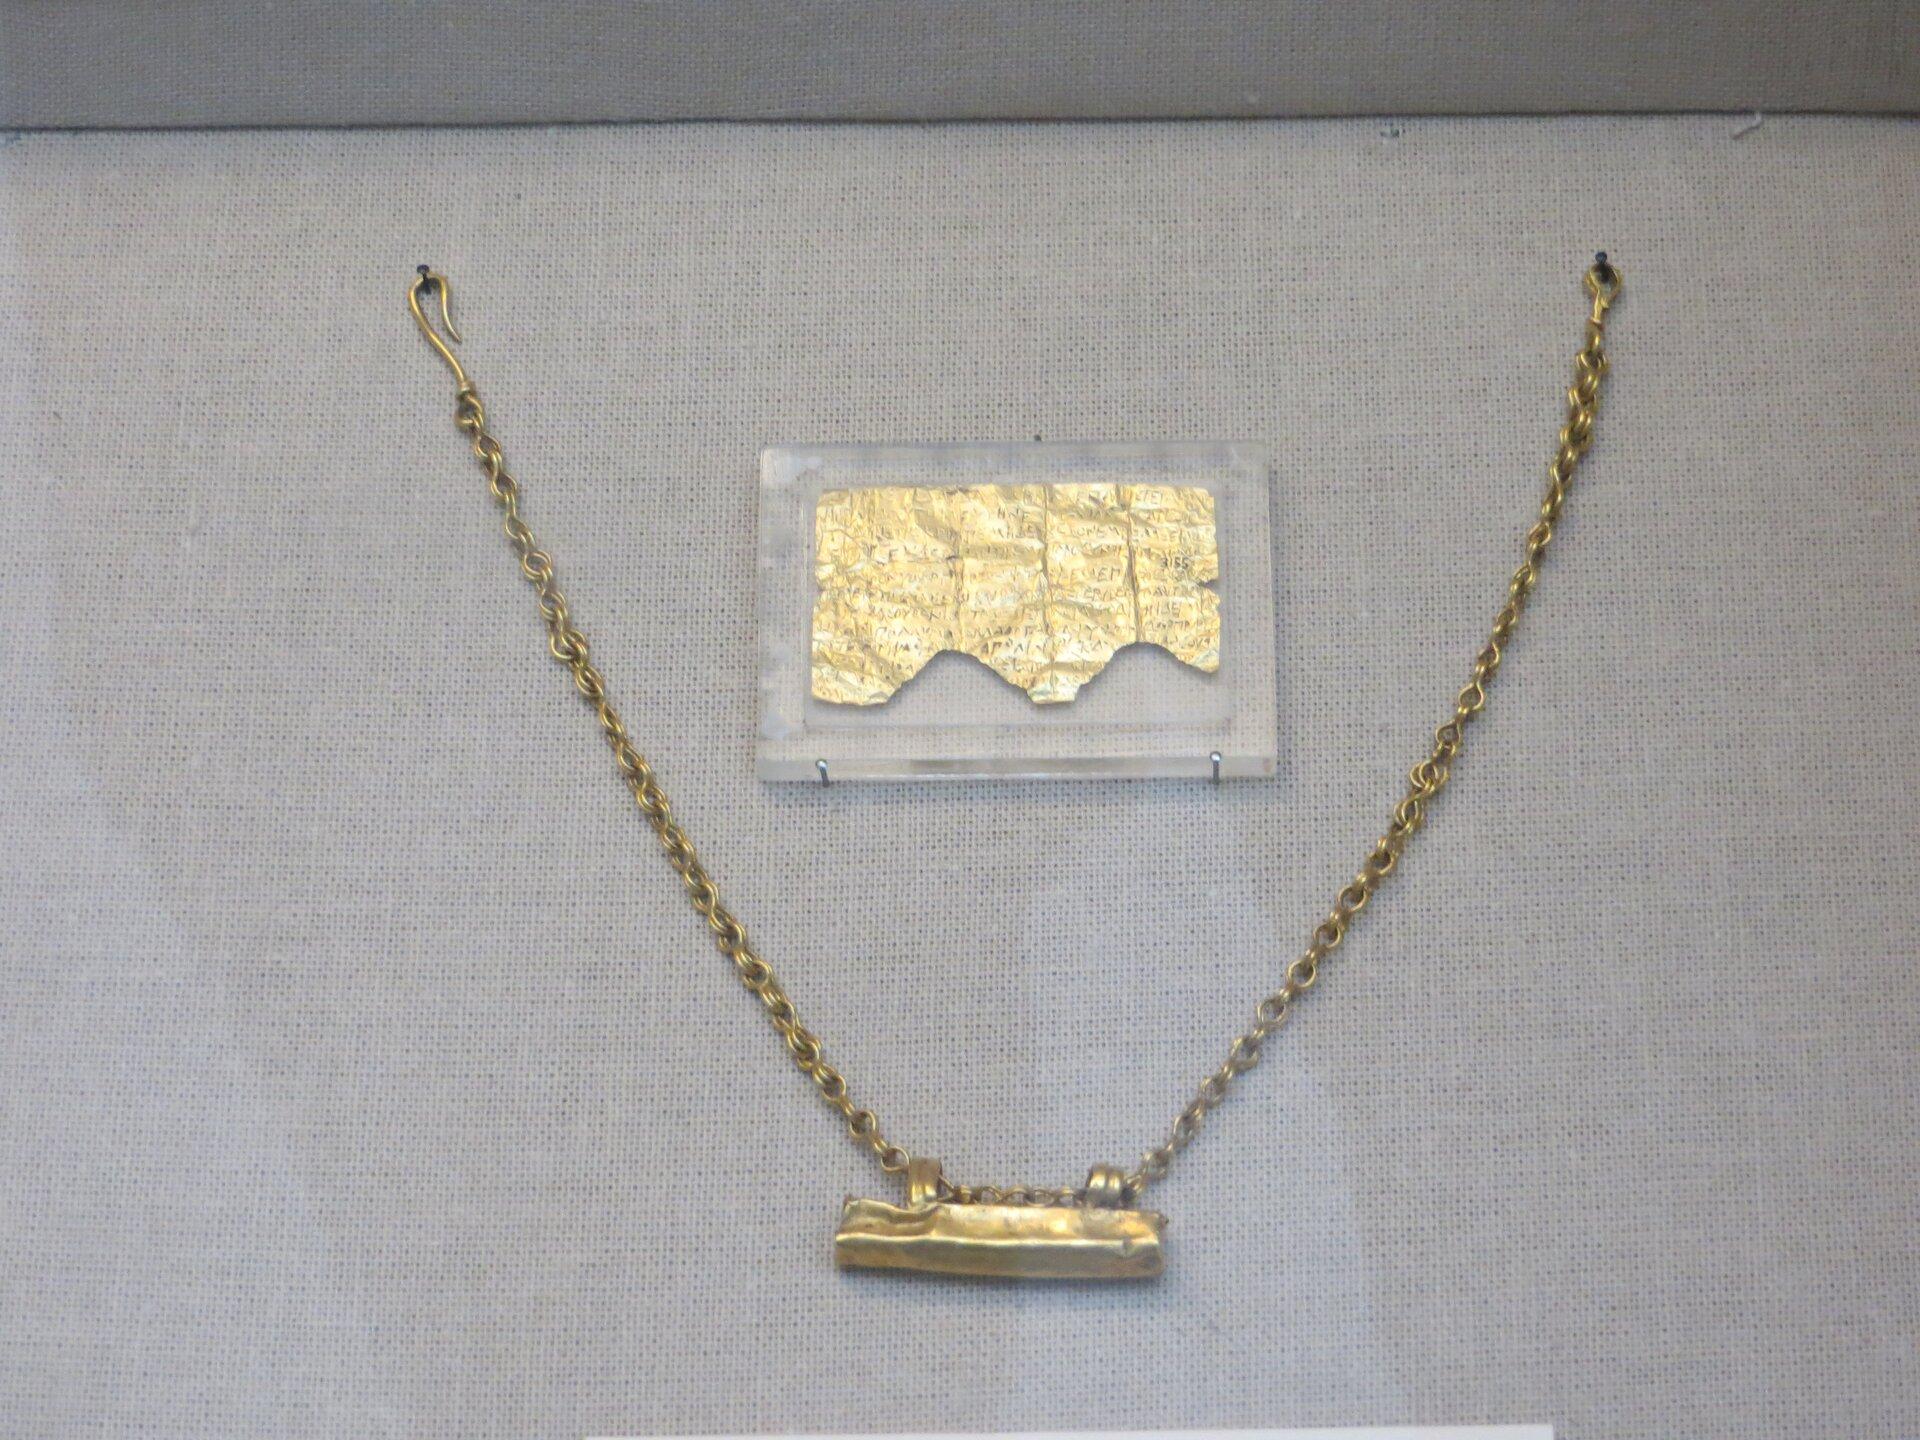 Ilustracja przedstawia fragment złotej tabliczki orfickiej zIII/II w. p.n.e. Tabliczka zachowała się wzłym stanie, ma nierówne zniszczone brzegi. Wokół niej rozłożony jest złoty łańcuch, na którym prawdopodobnie została zawieszona.